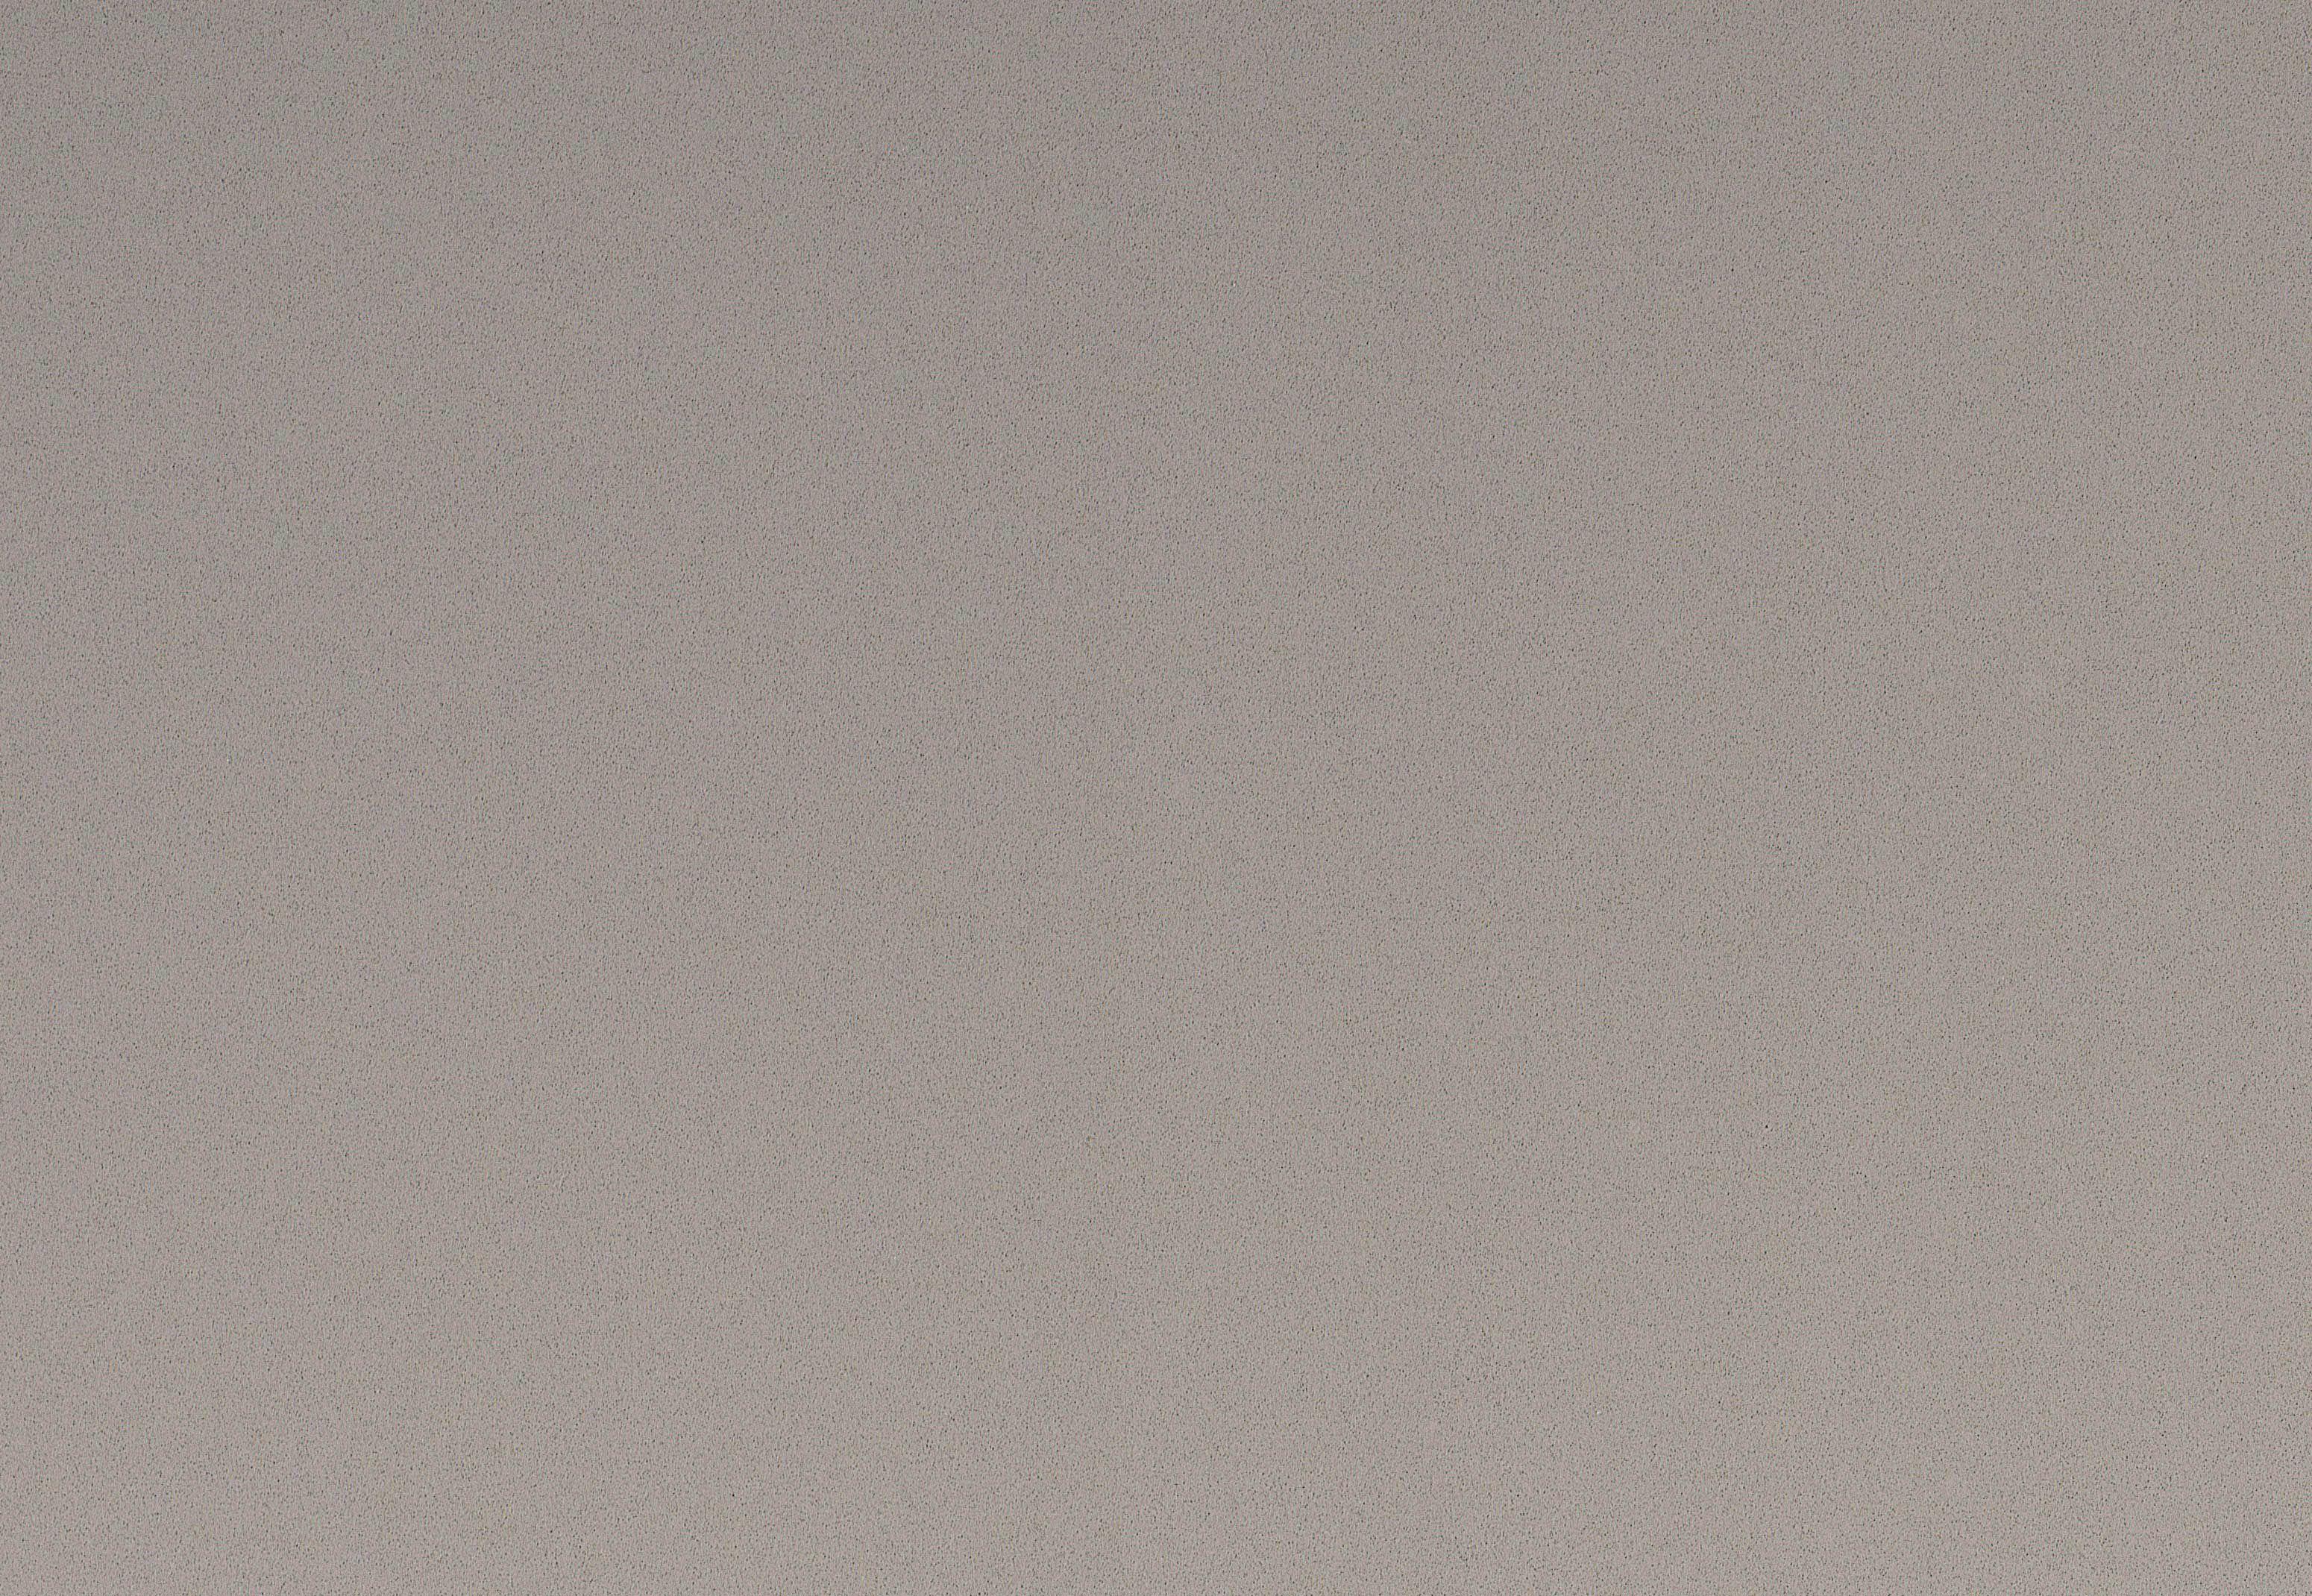 Dunmore color Cambria Countertop Textured wallpaper